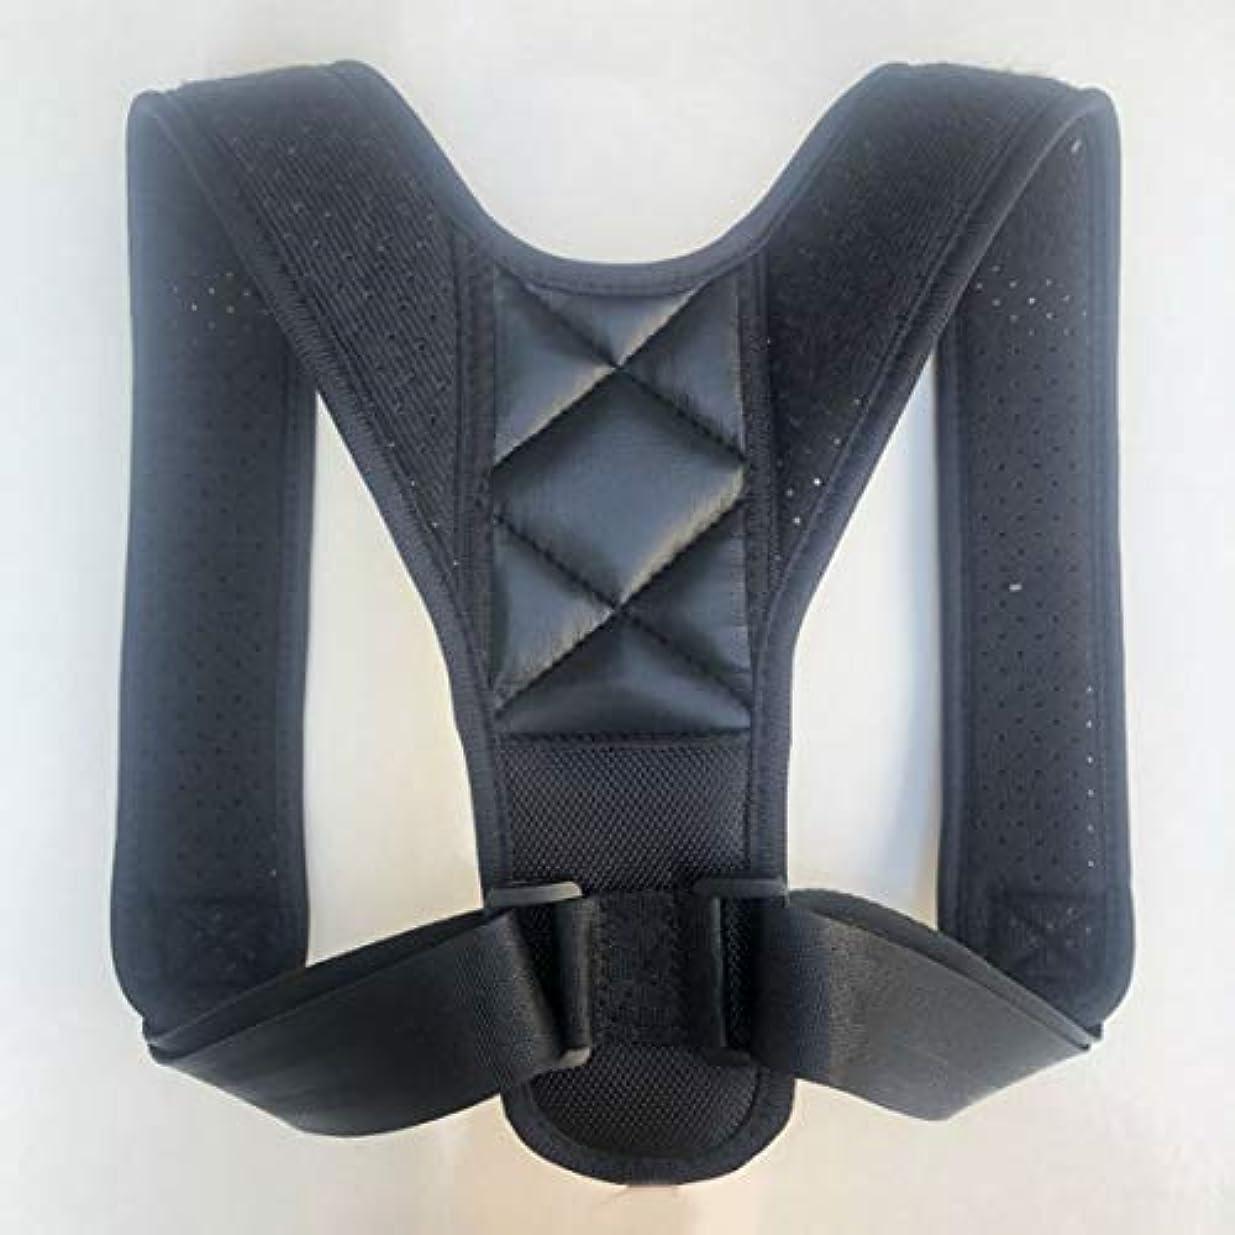 薄汚い乱闘振り返るアッパーバックポスチャーコレクター姿勢鎖骨サポートコレクターバックストレートショルダーブレースストラップコレクター - ブラック